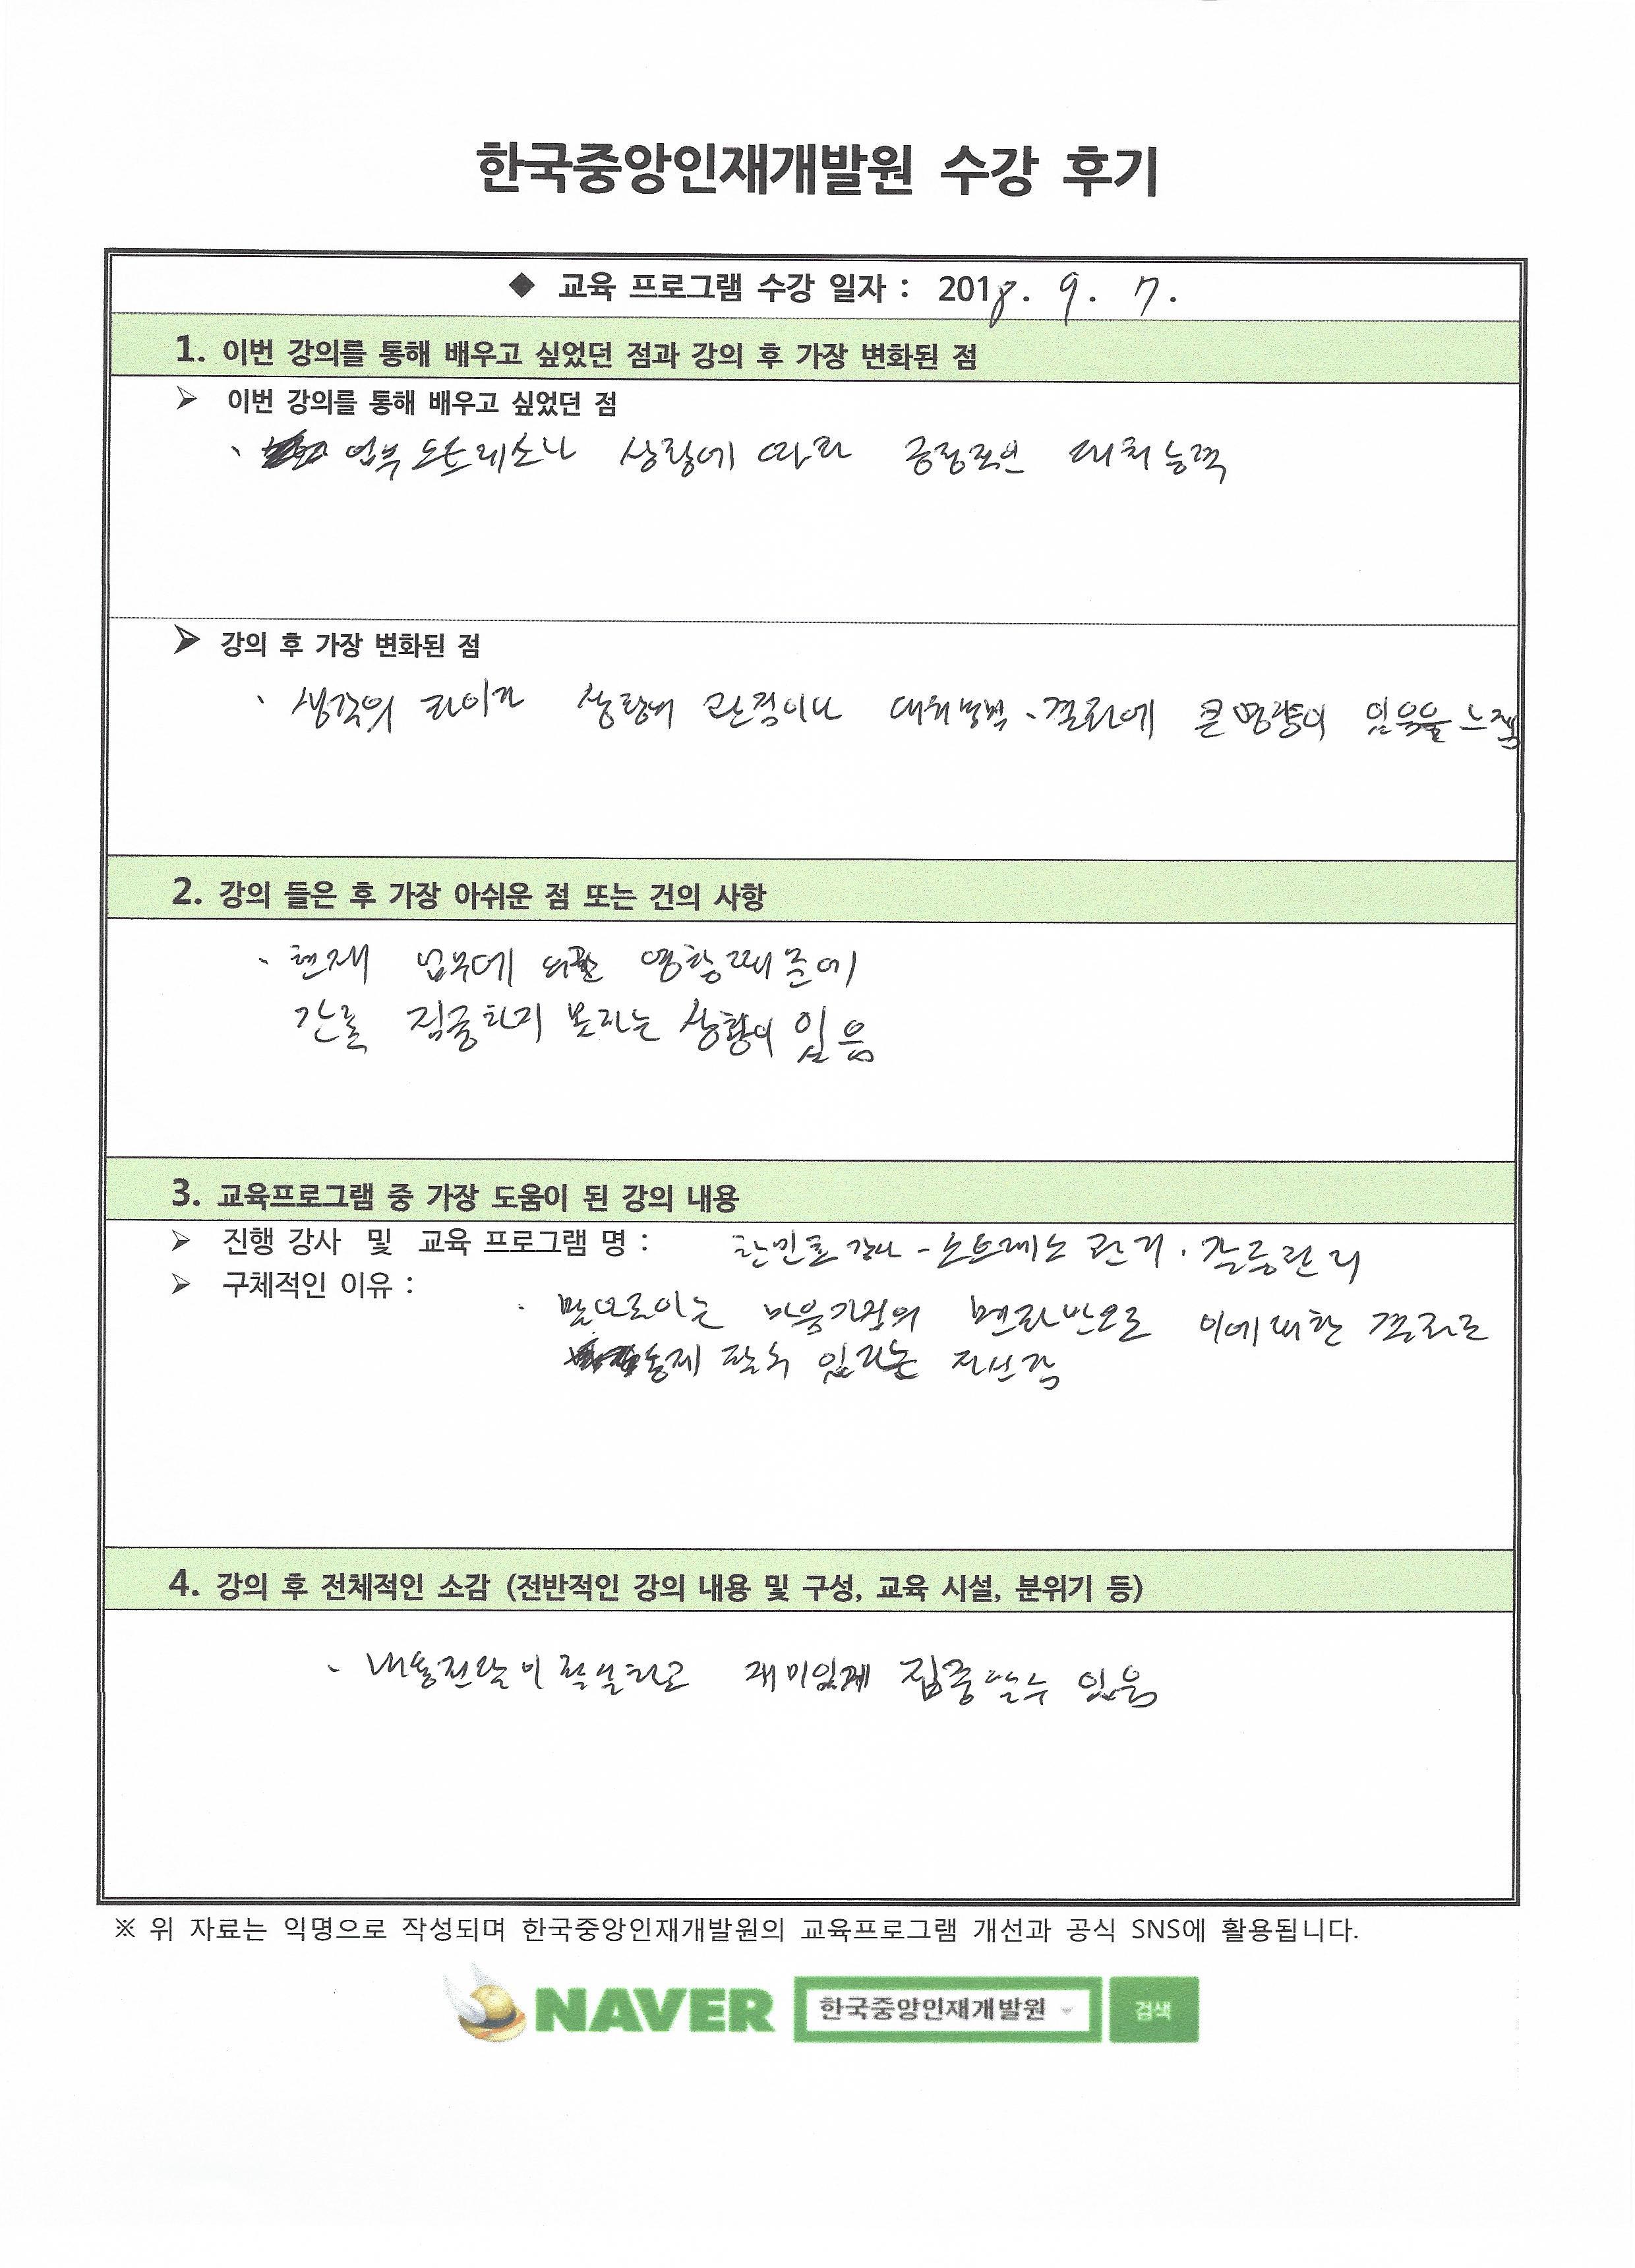 아진엑스텍후기 0907-22 사본.jpg